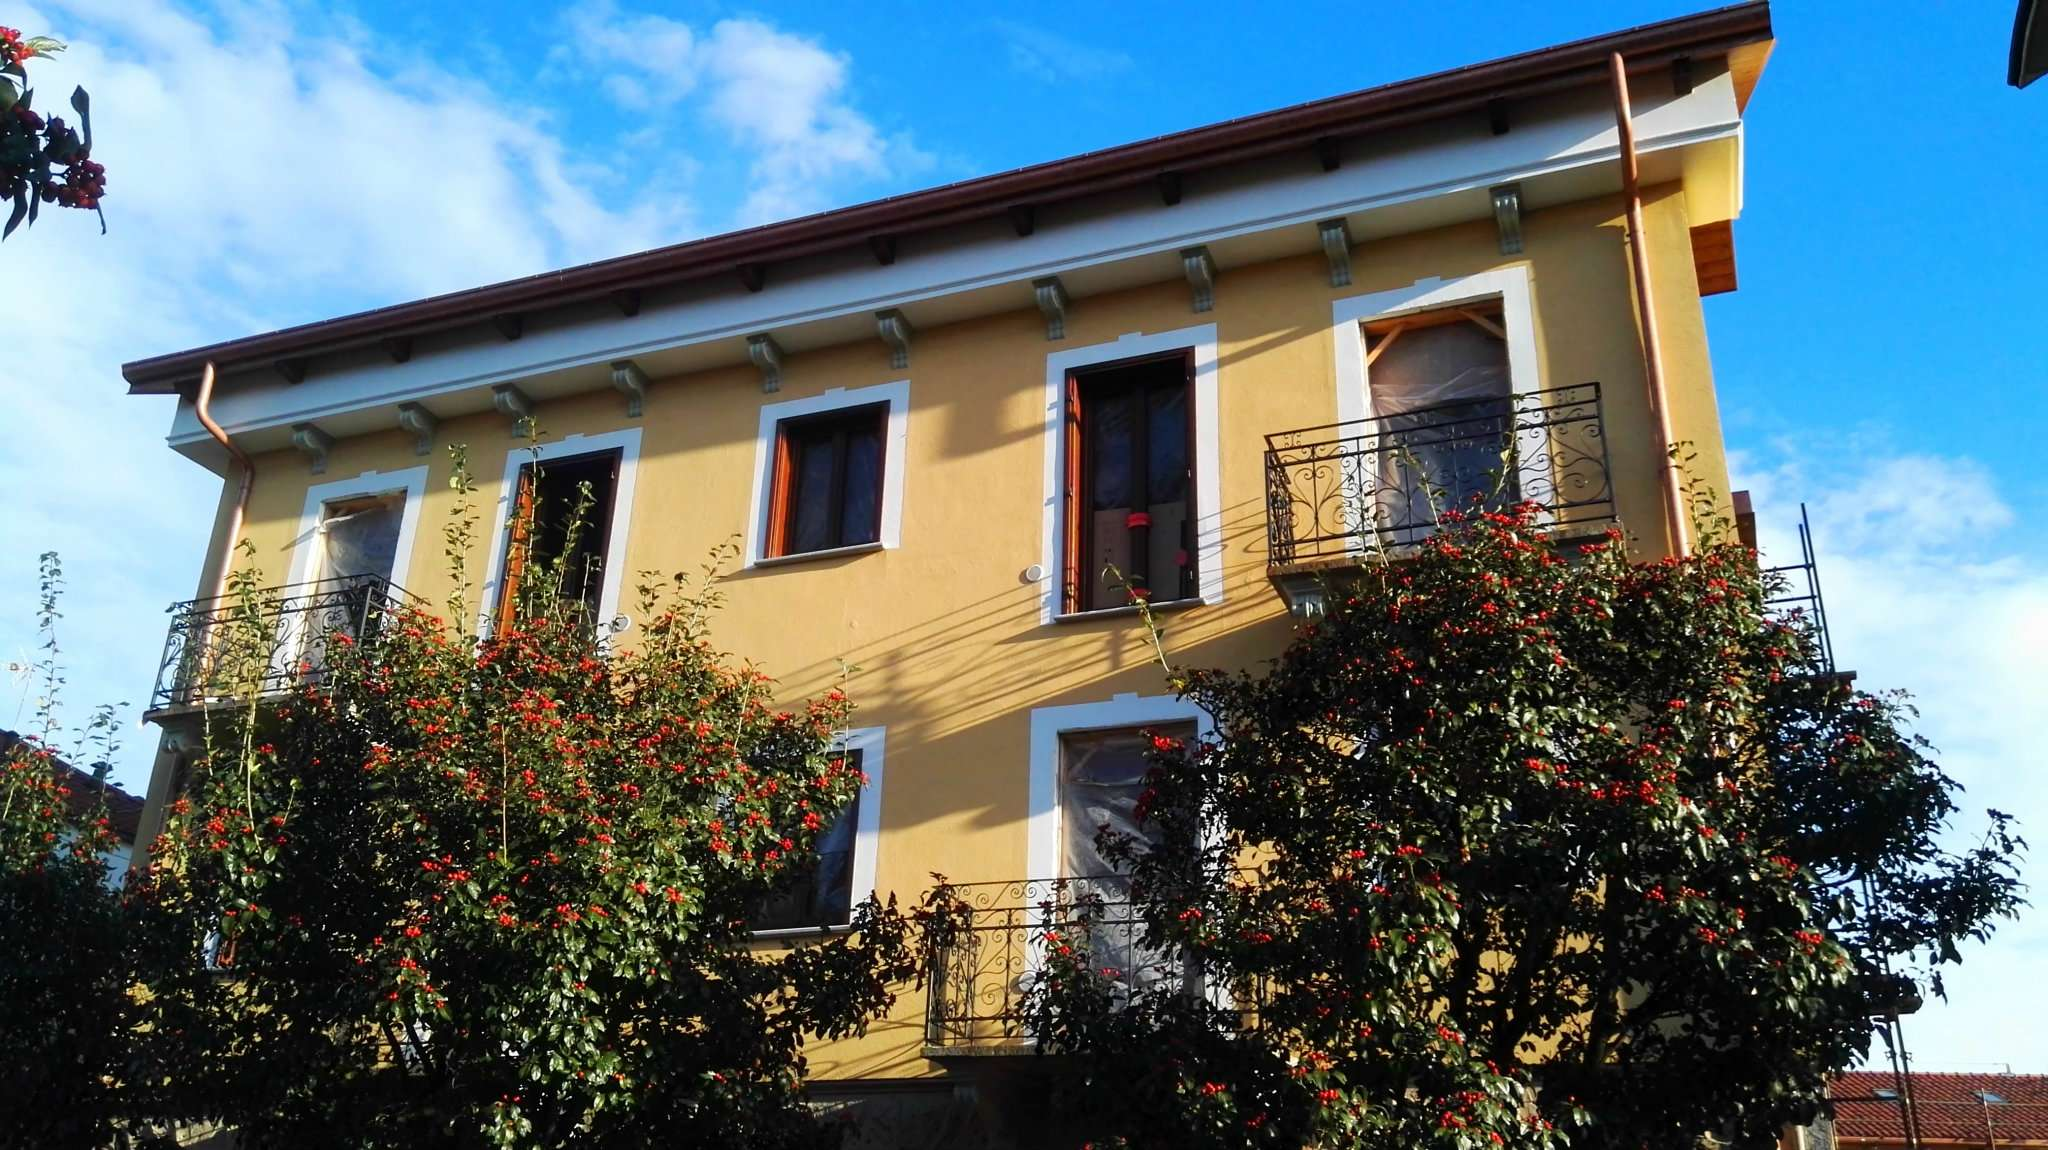 Appartamento in vendita a Trofarello, 3 locali, prezzo € 150.000 | CambioCasa.it